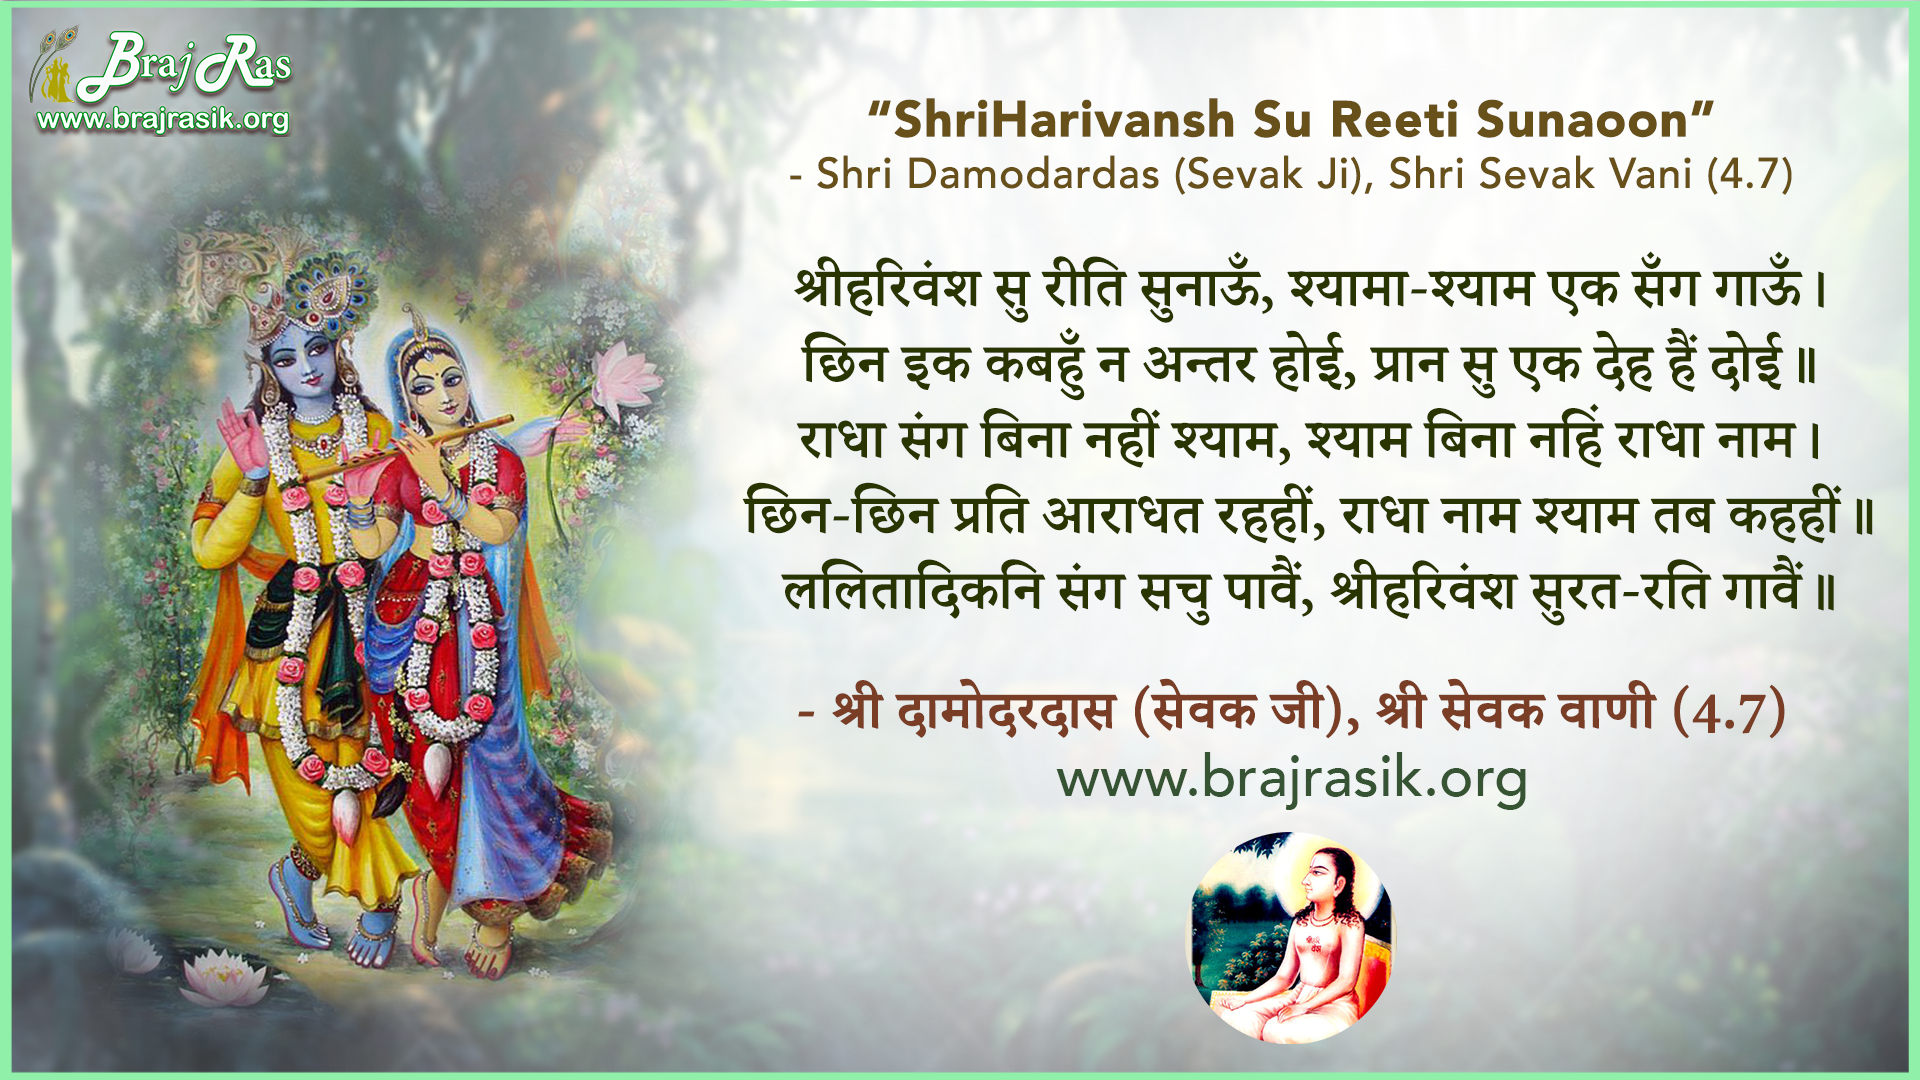 ShriHarivansh Su Reeti Sunaoon - Shri Damodardas (Sevak Ji), Shri Sevak Vani (4.7)